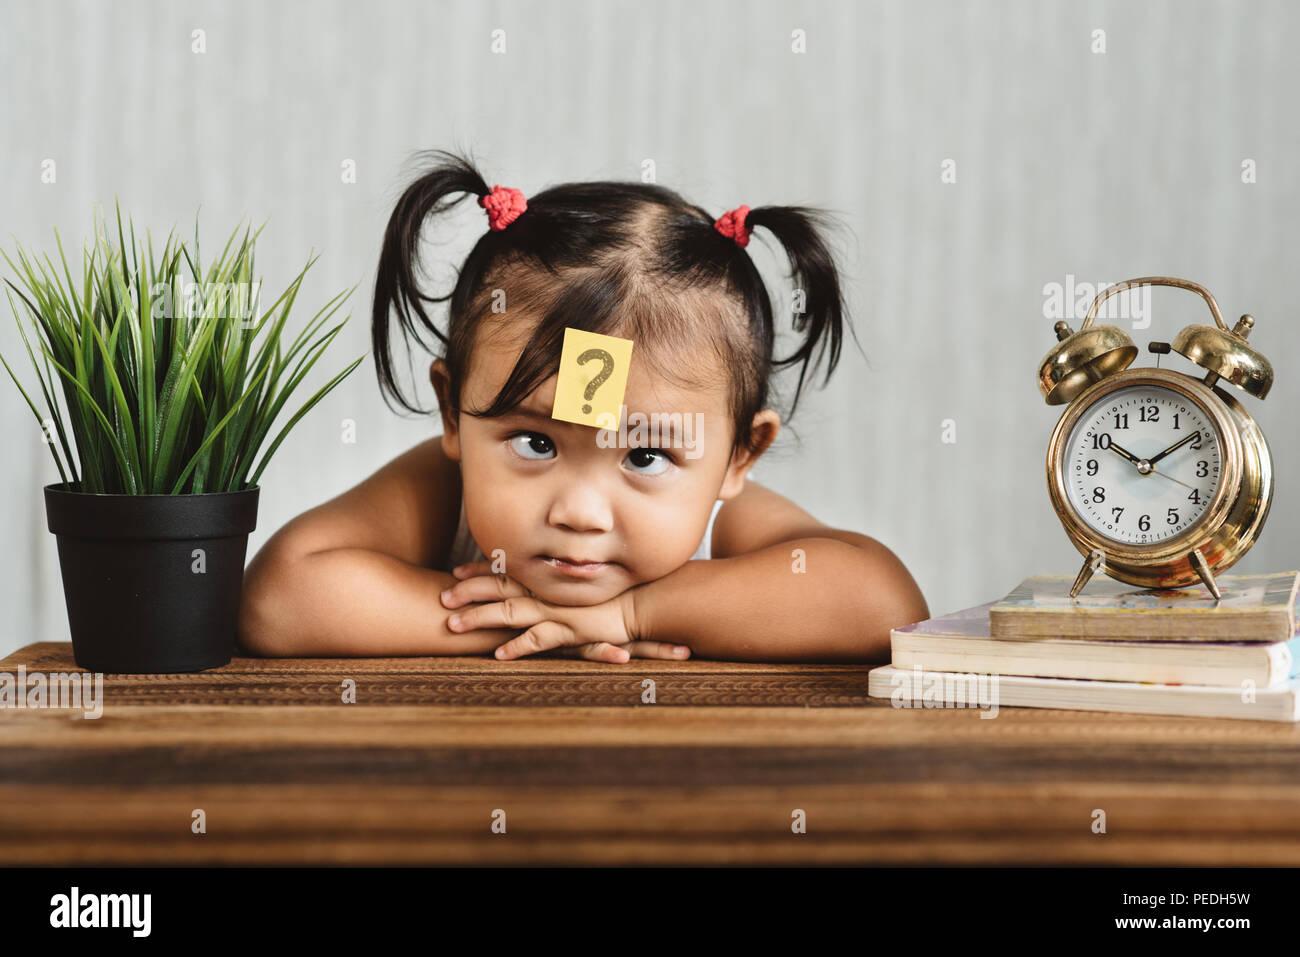 Lindo y confundido lookian toddler asiáticos con signo de interrogación en su frente. concepto de educación infantil, el crecimiento y el desarrollo. Imagen De Stock